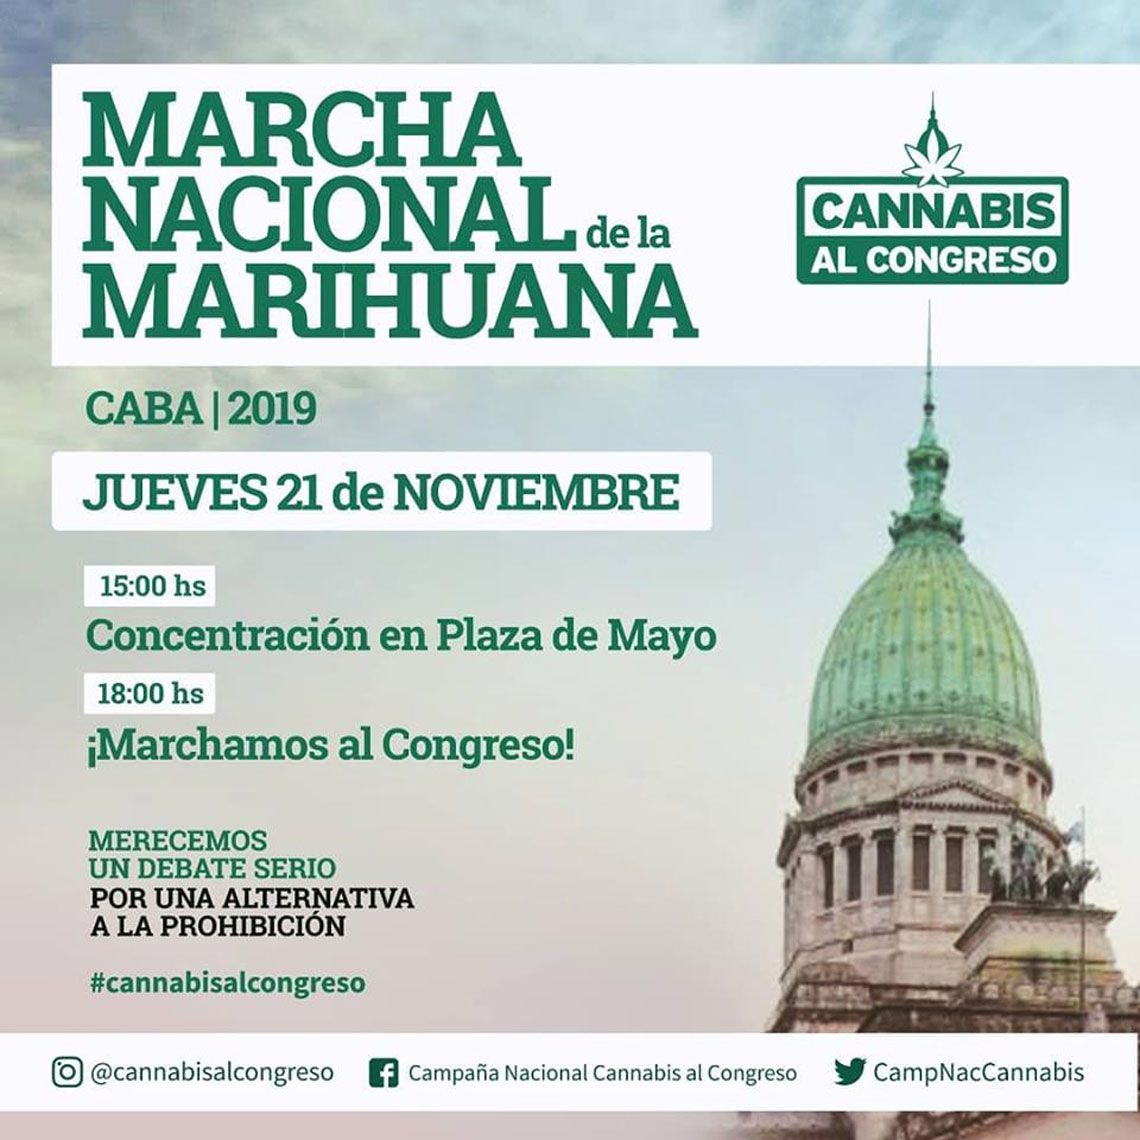 Marcha Nacional de la Marihuana de Plaza de Mayo al Congreso